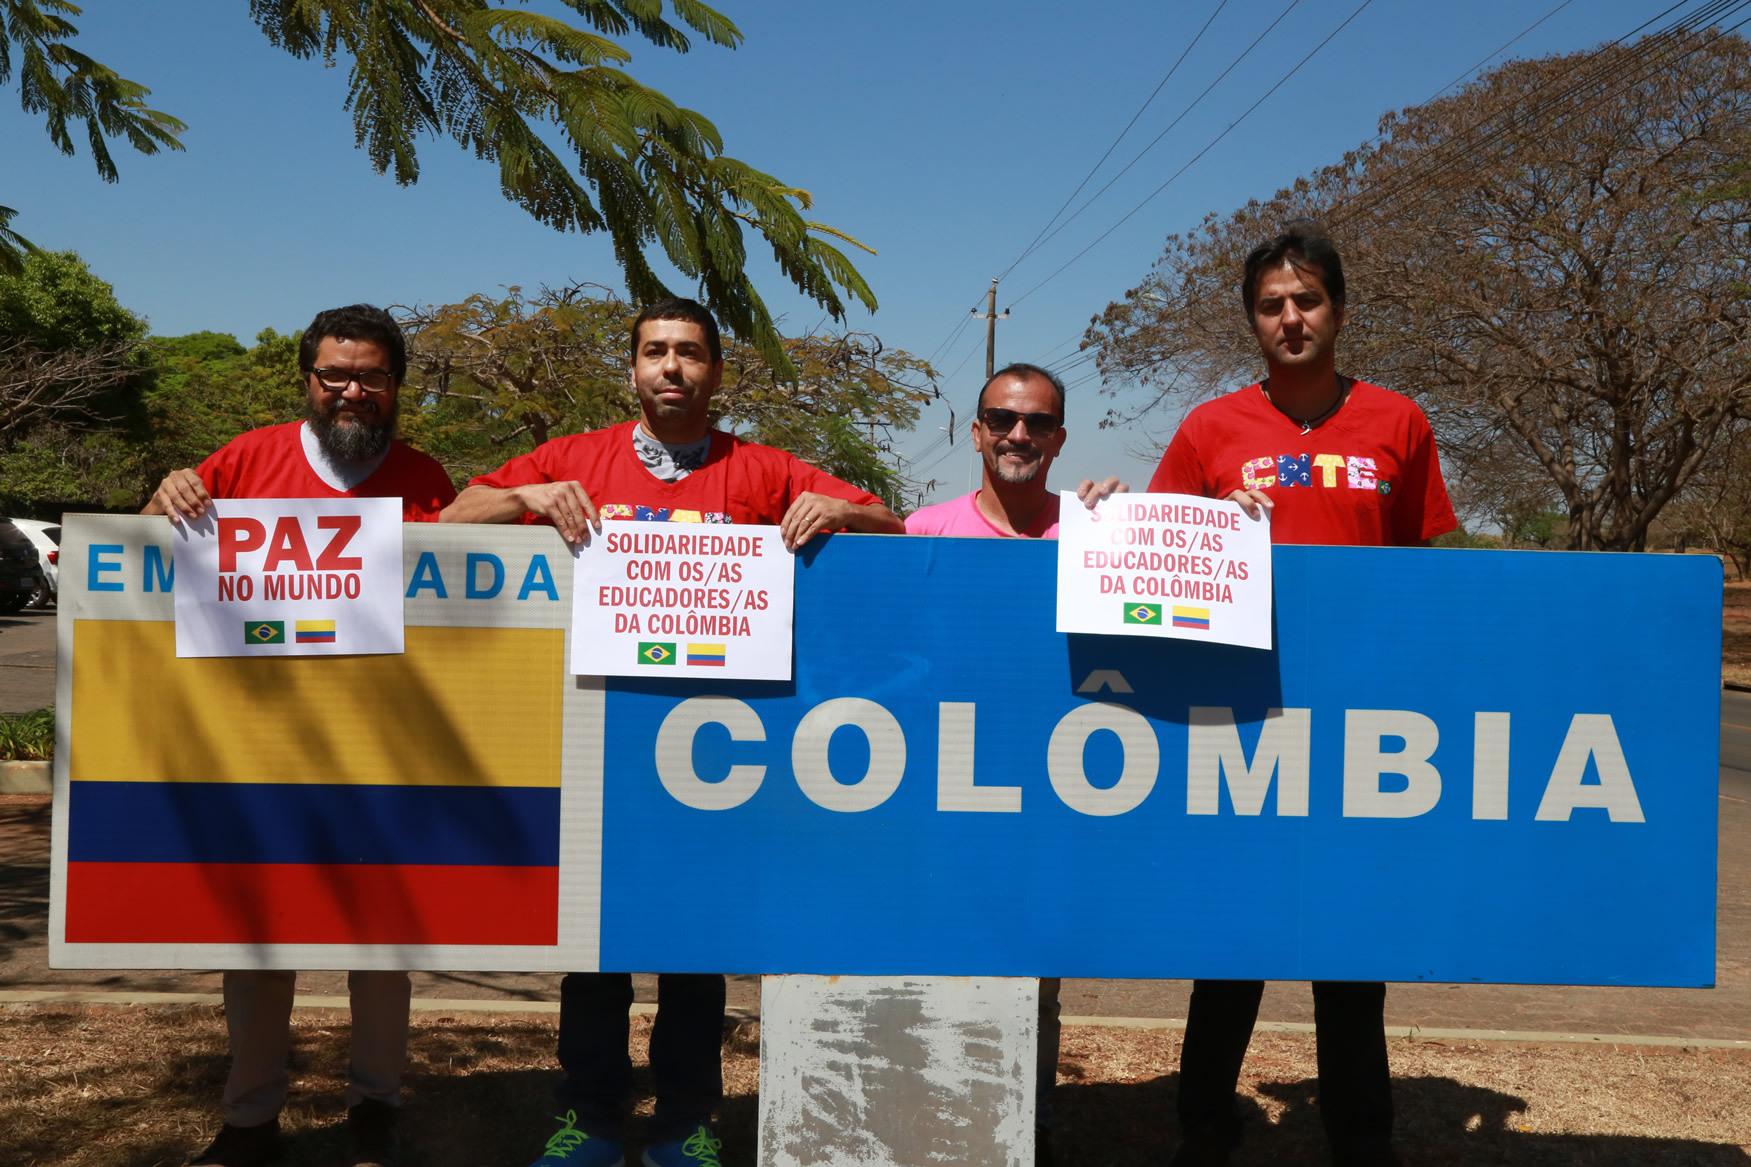 2019.09.12-Ato-Embaixada-Colombia_fotos-ECOM-6